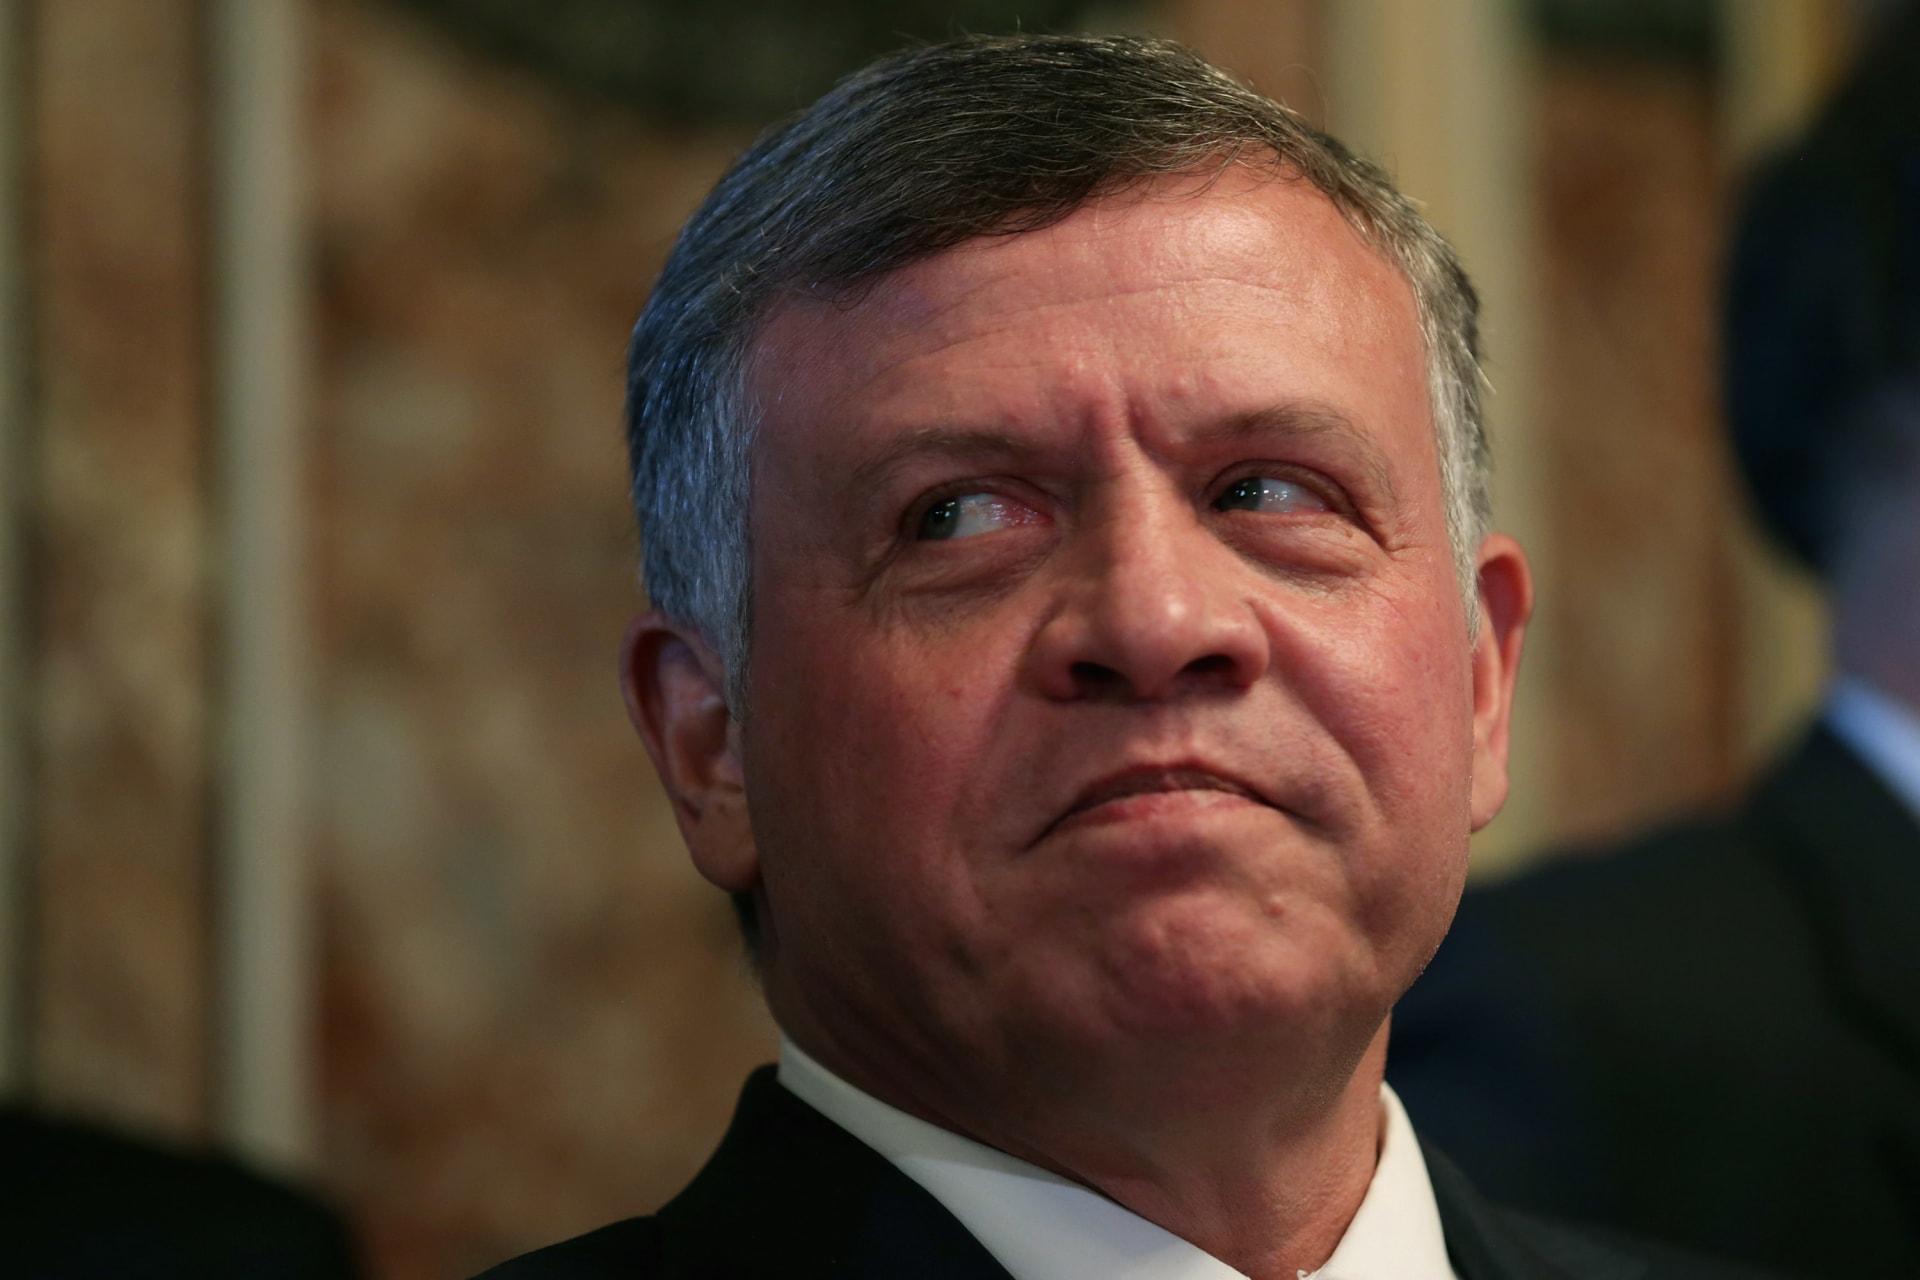 والد الطيار الكساسبة لـCNN: الملك أبلغني بإغارة 30 طائرة أردنية على معاقل داعش بالرقة